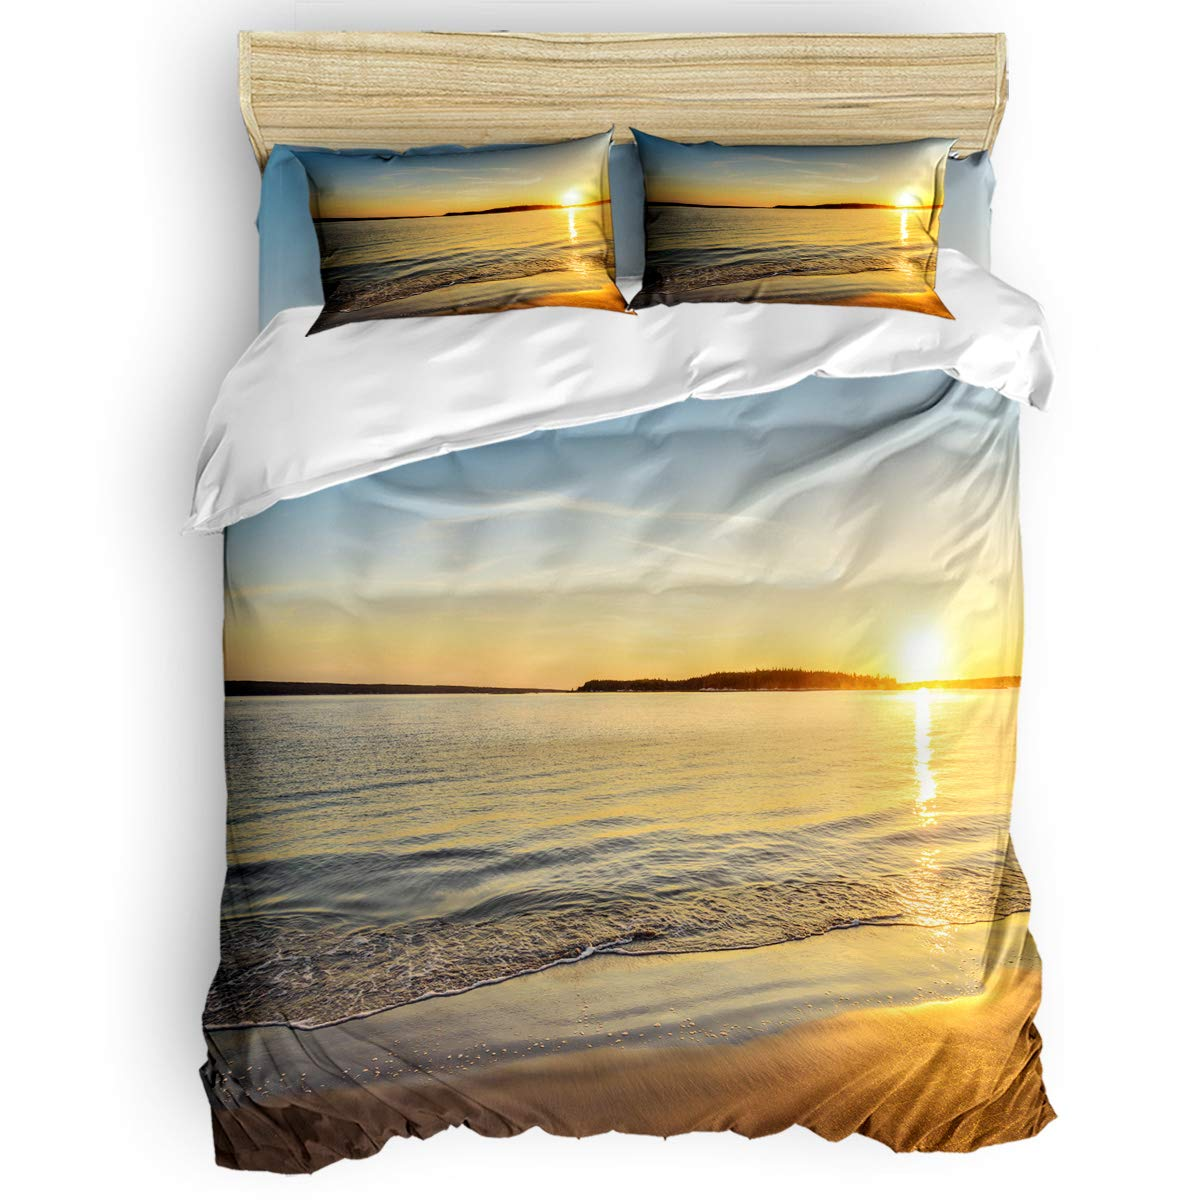 掛け布団カバー 4点セット たんぽぽ 寝具カバーセット ベッド用 べッドシーツ 枕カバー 洋式 和式兼用 布団カバー 肌に優しい 羽毛布団セット 100%ポリエステル キング B07TGCZZKG SunsetLAS2304 キング